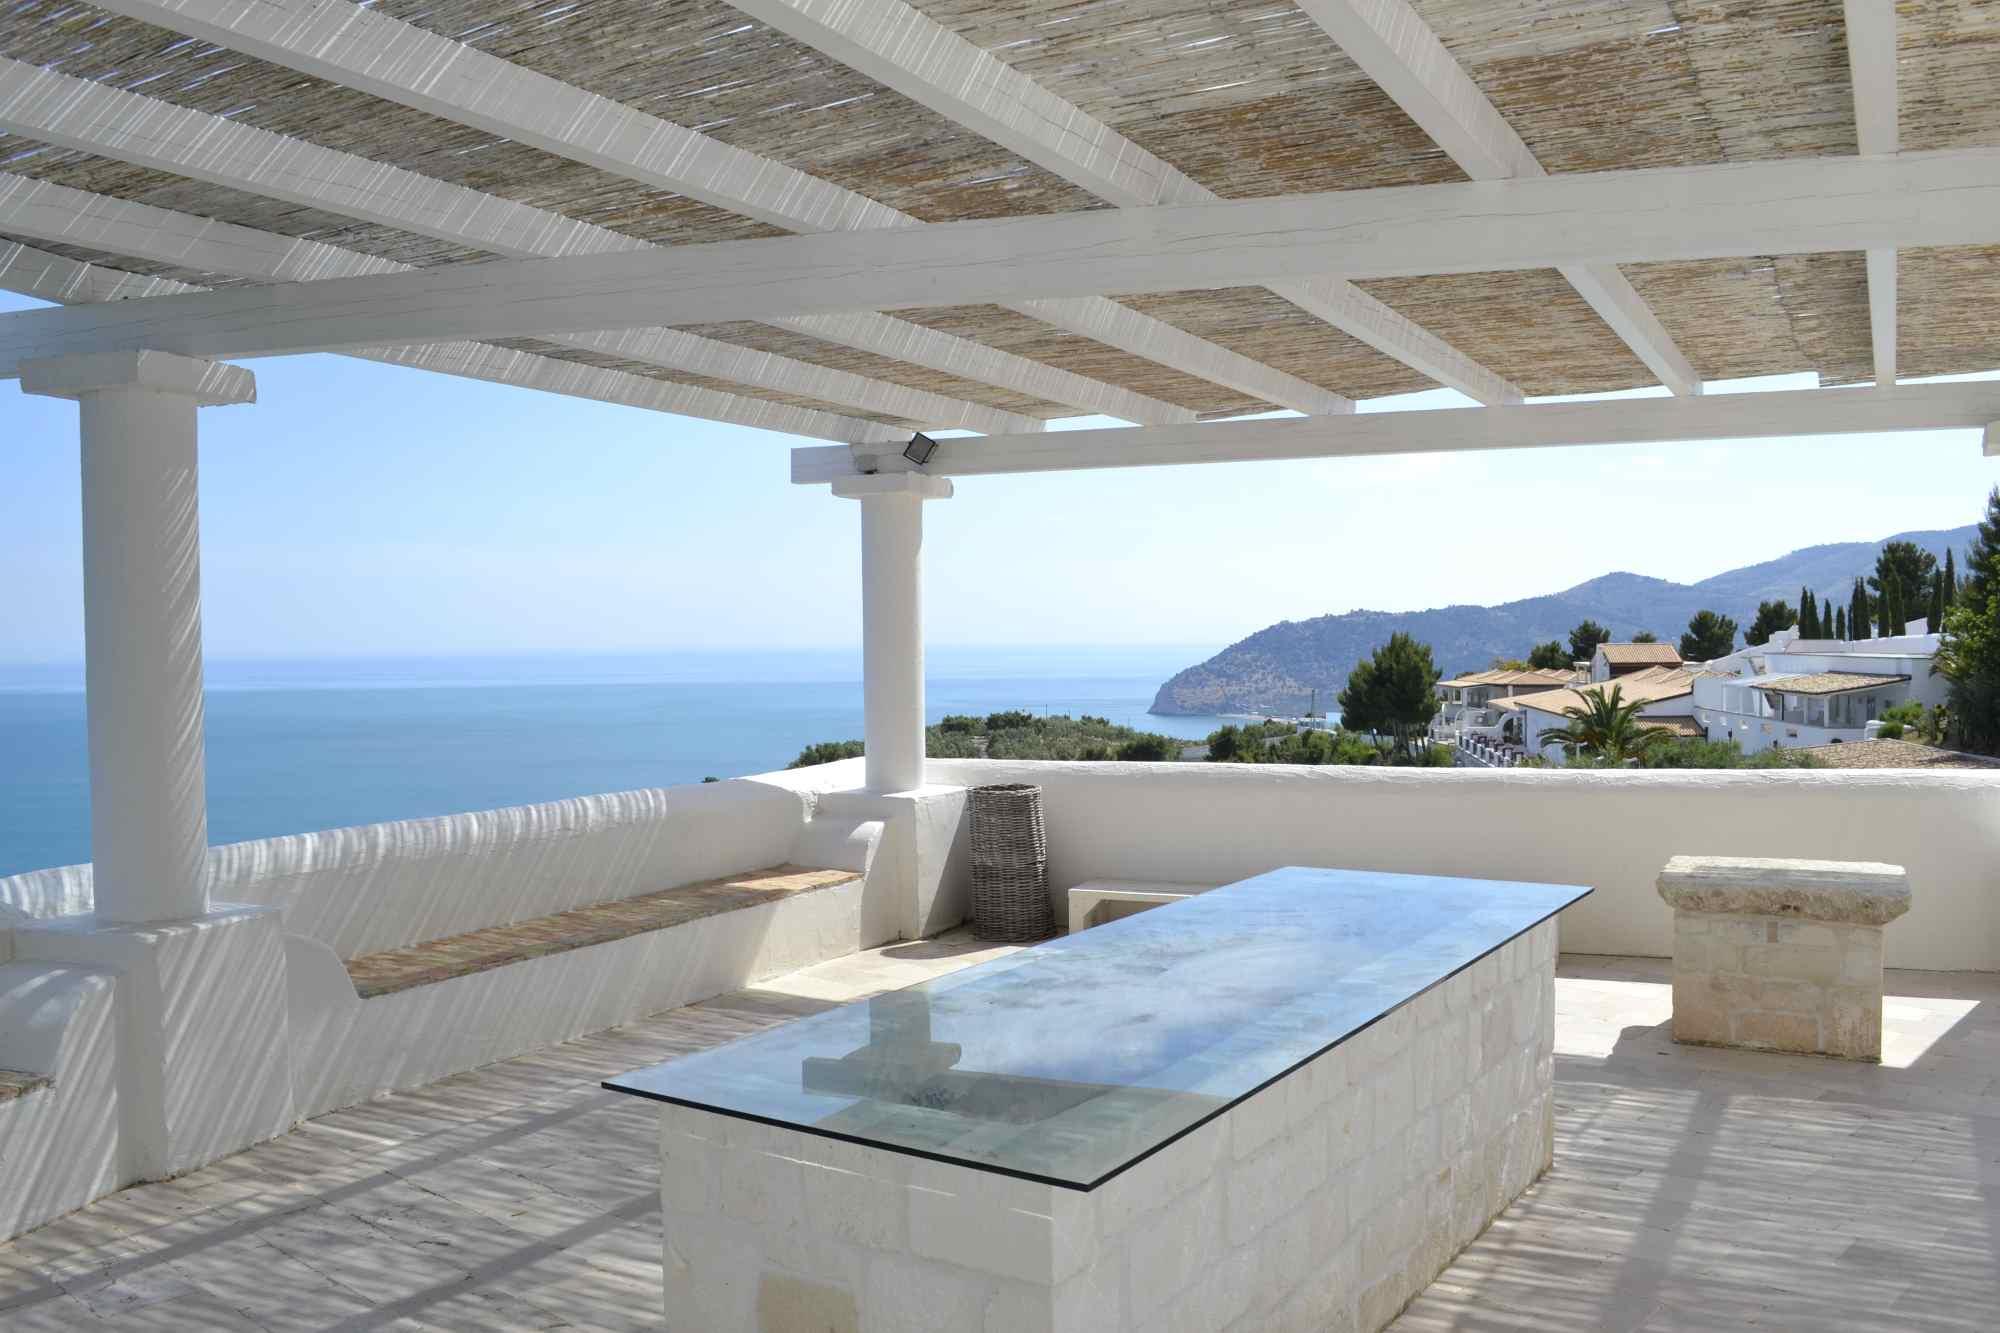 bar-ristorante-esterno-interno-terrazza-vista-mare-mattinata-gargano ...